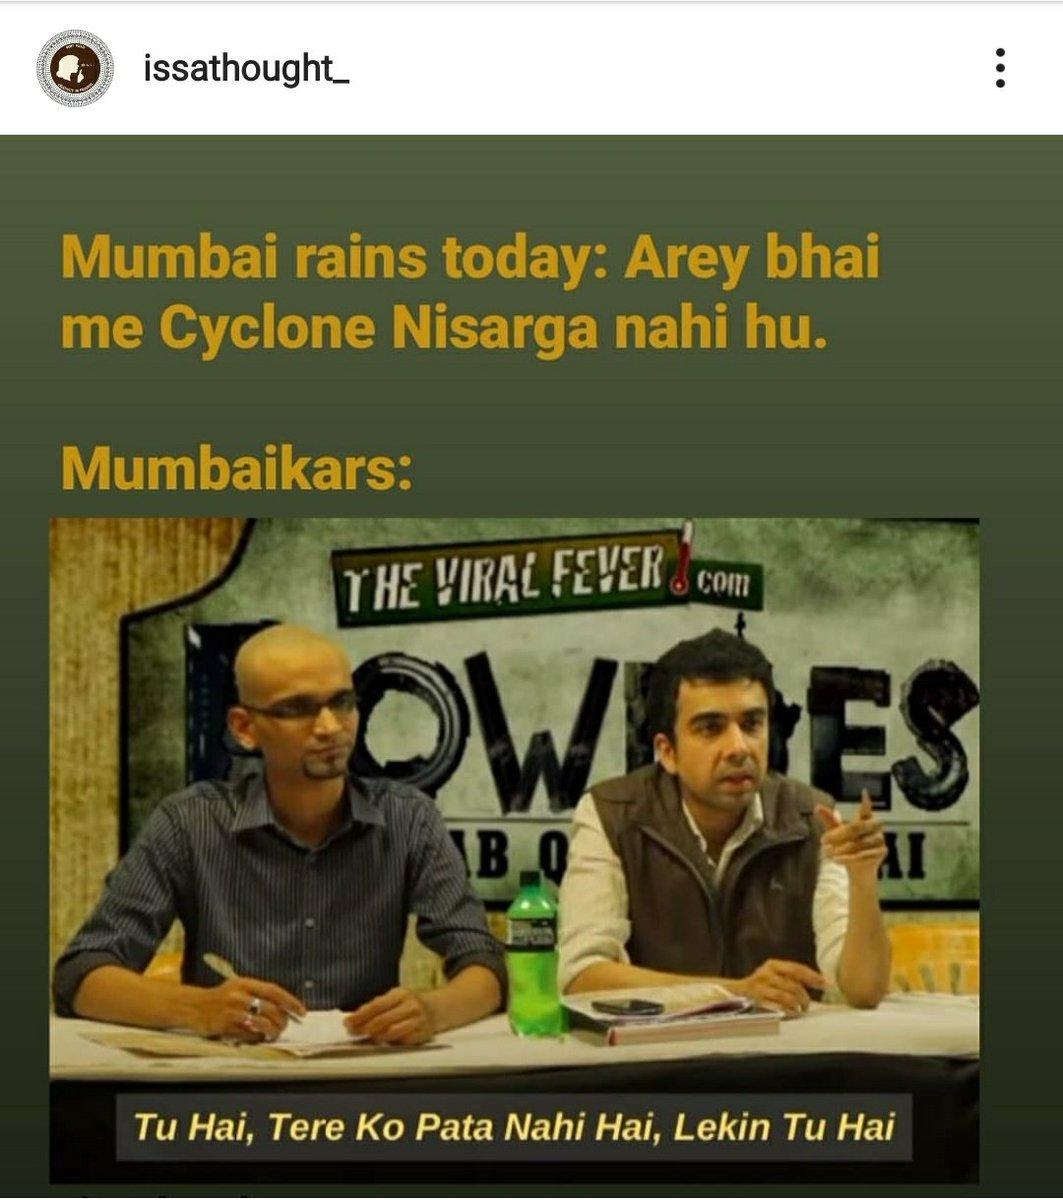 #NisargaCyclone #MumbaiMonsoon #mumbairain #MumbaiRainsLive #CycloneNisarga #TrendingNow #Trending #Mumbaipic.twitter.com/VSYbFqbi7G